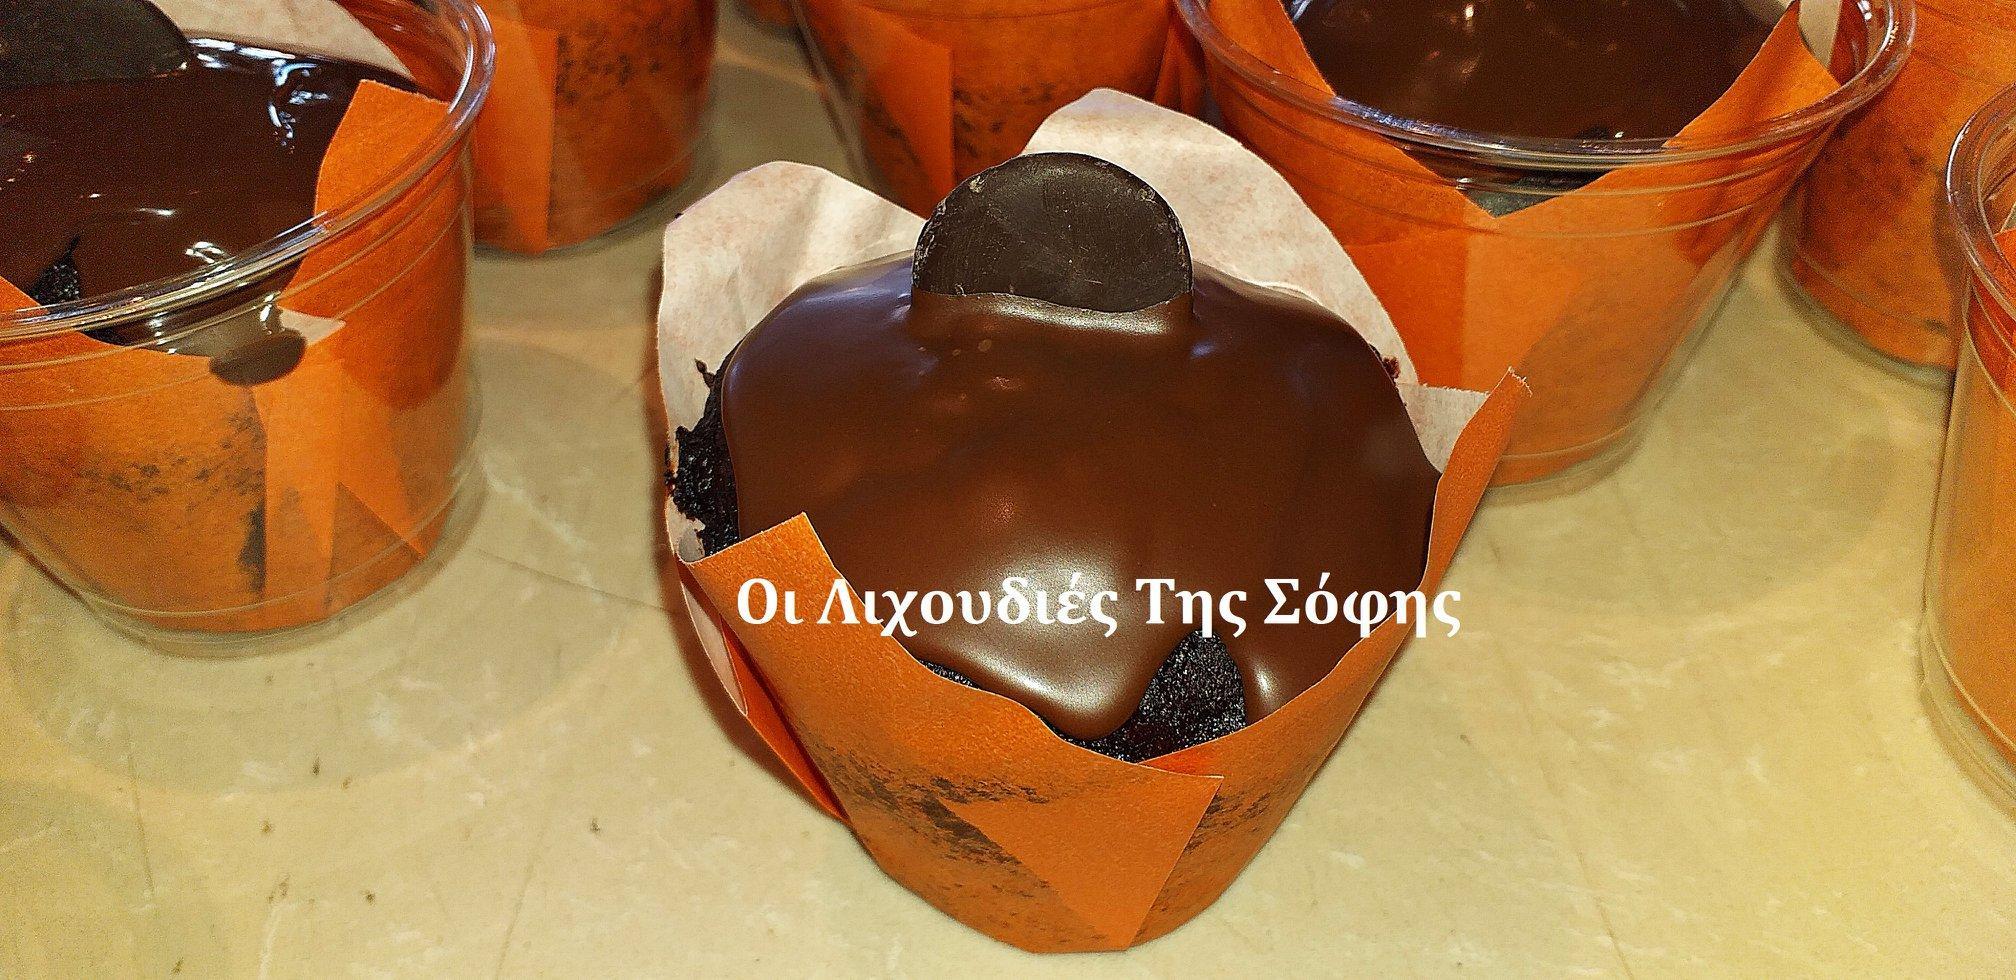 Νηστίσιμα σοκολατένια μάφινς από την Σόφη Τσιώπου